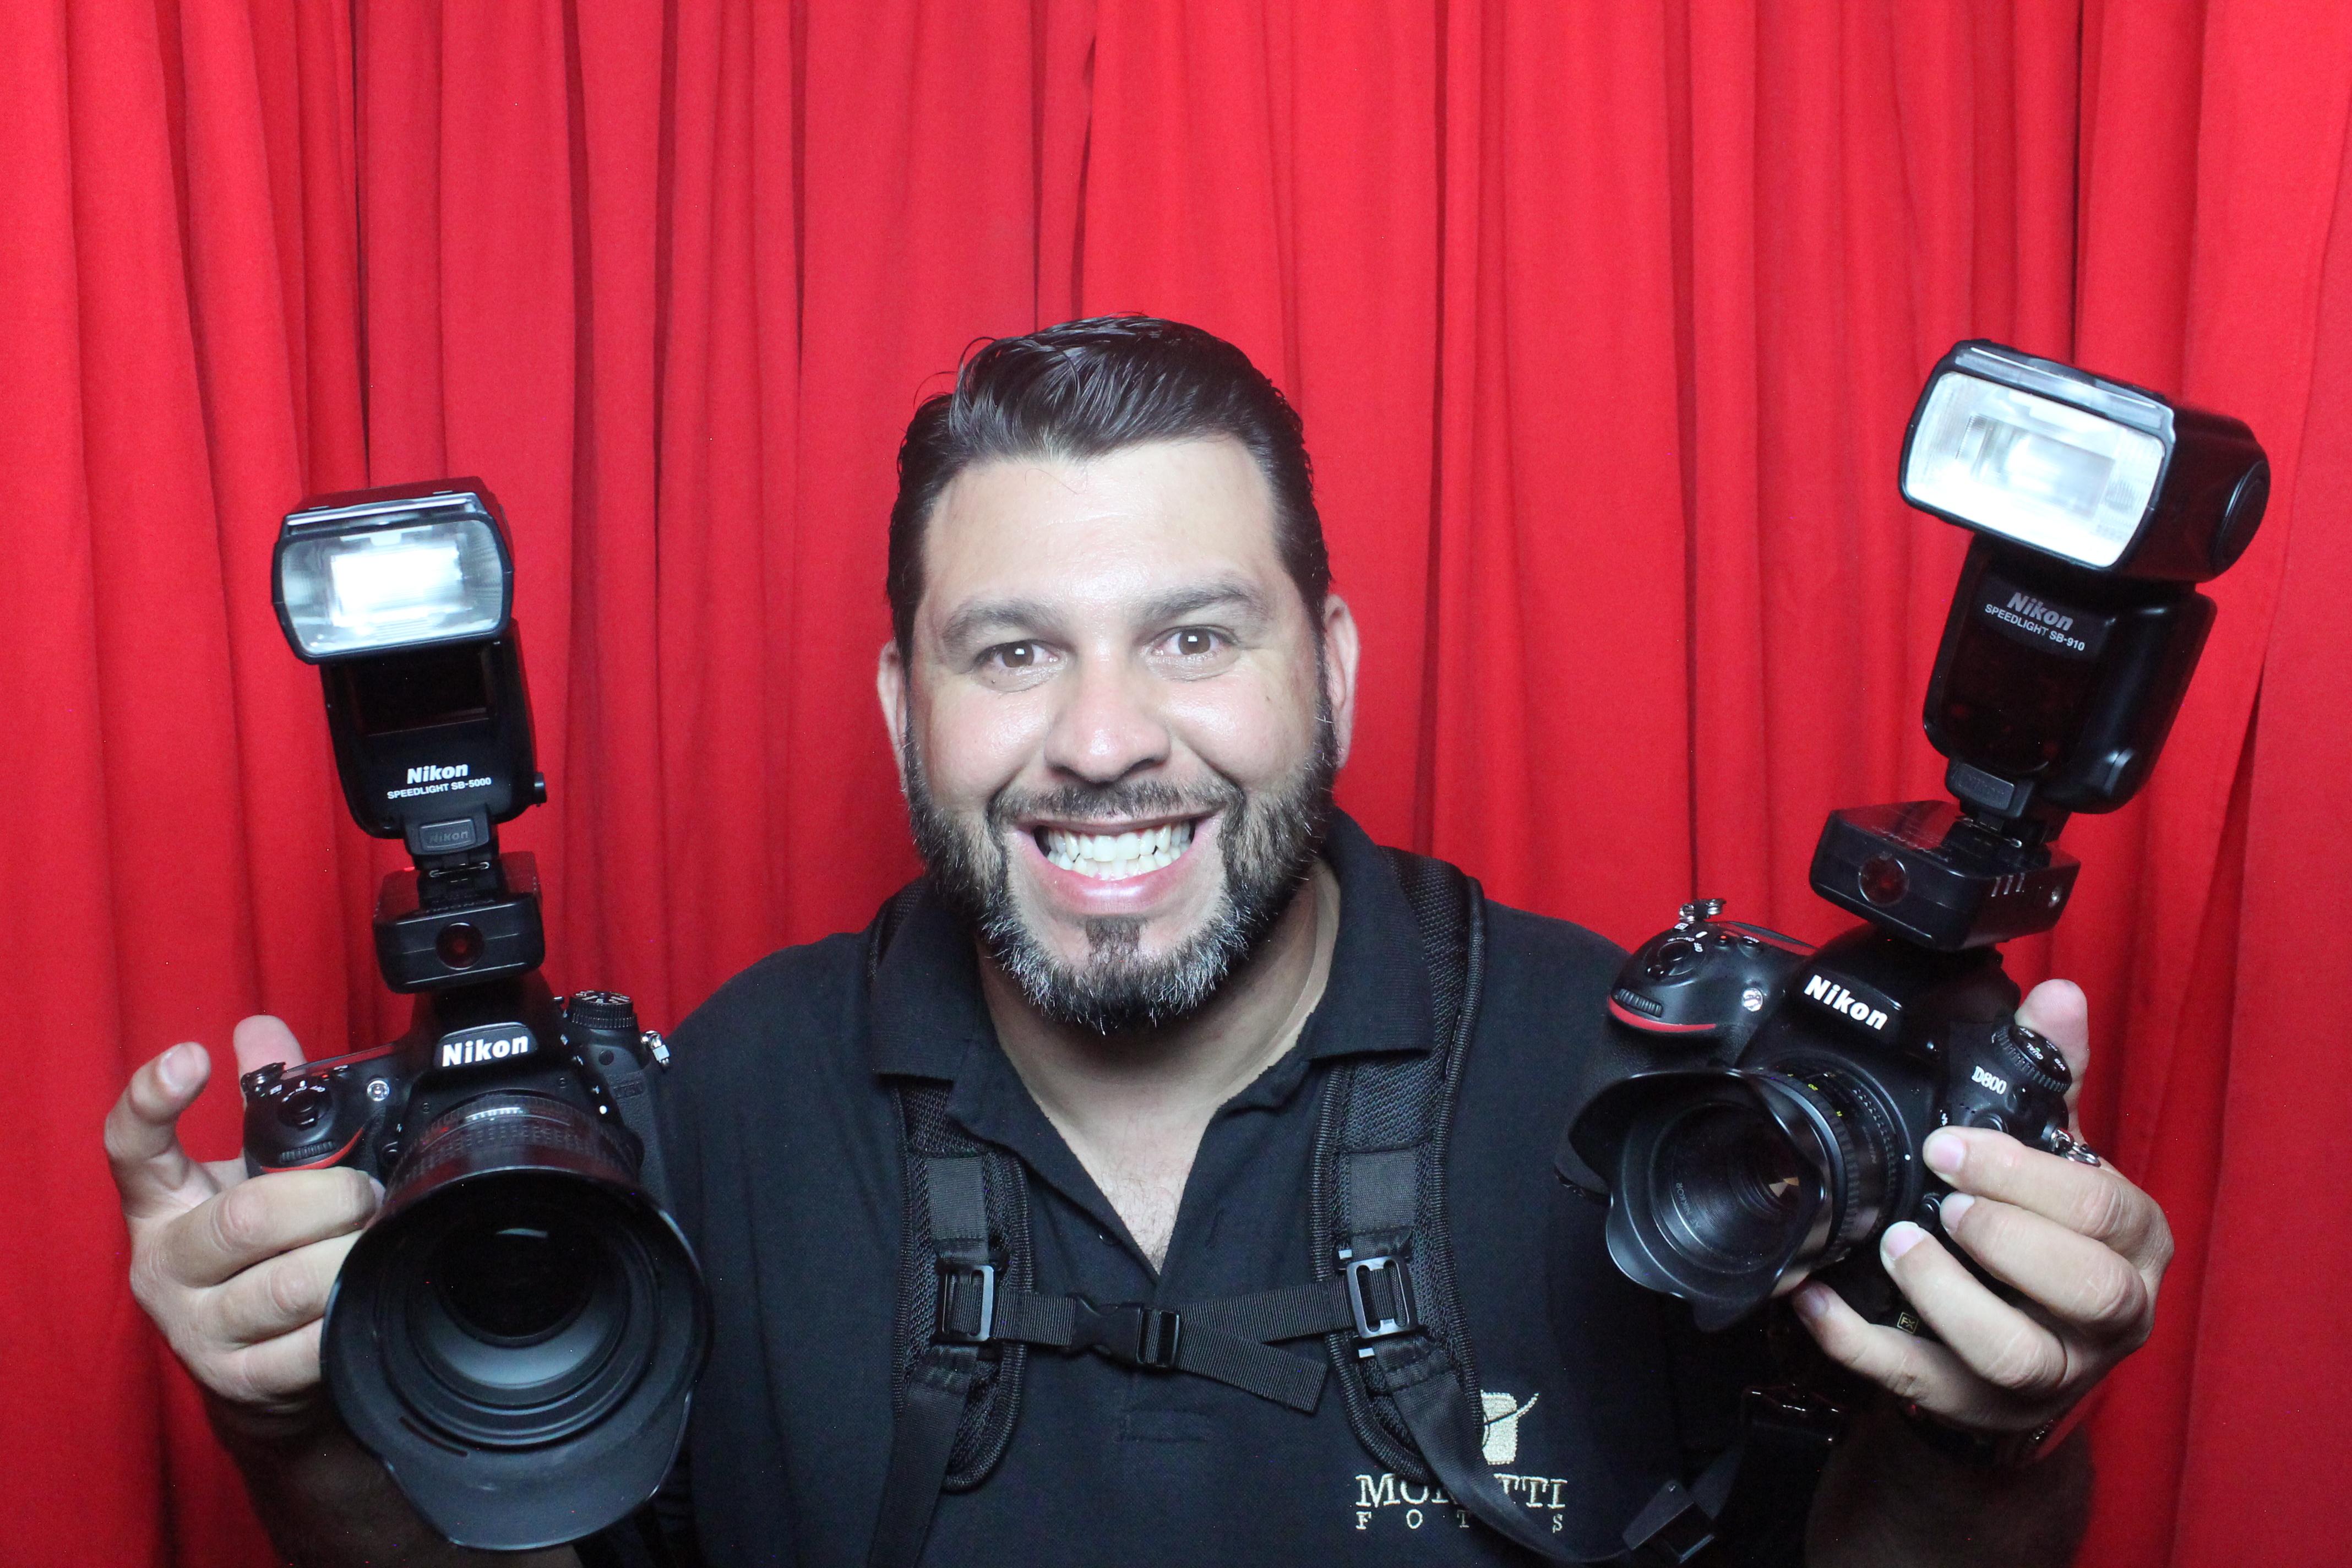 Sobre Moretti Fotos - Fotógrafo de Casamento, Eventos Sociais, Corporativos, Aniversários e Cabine de Fotos